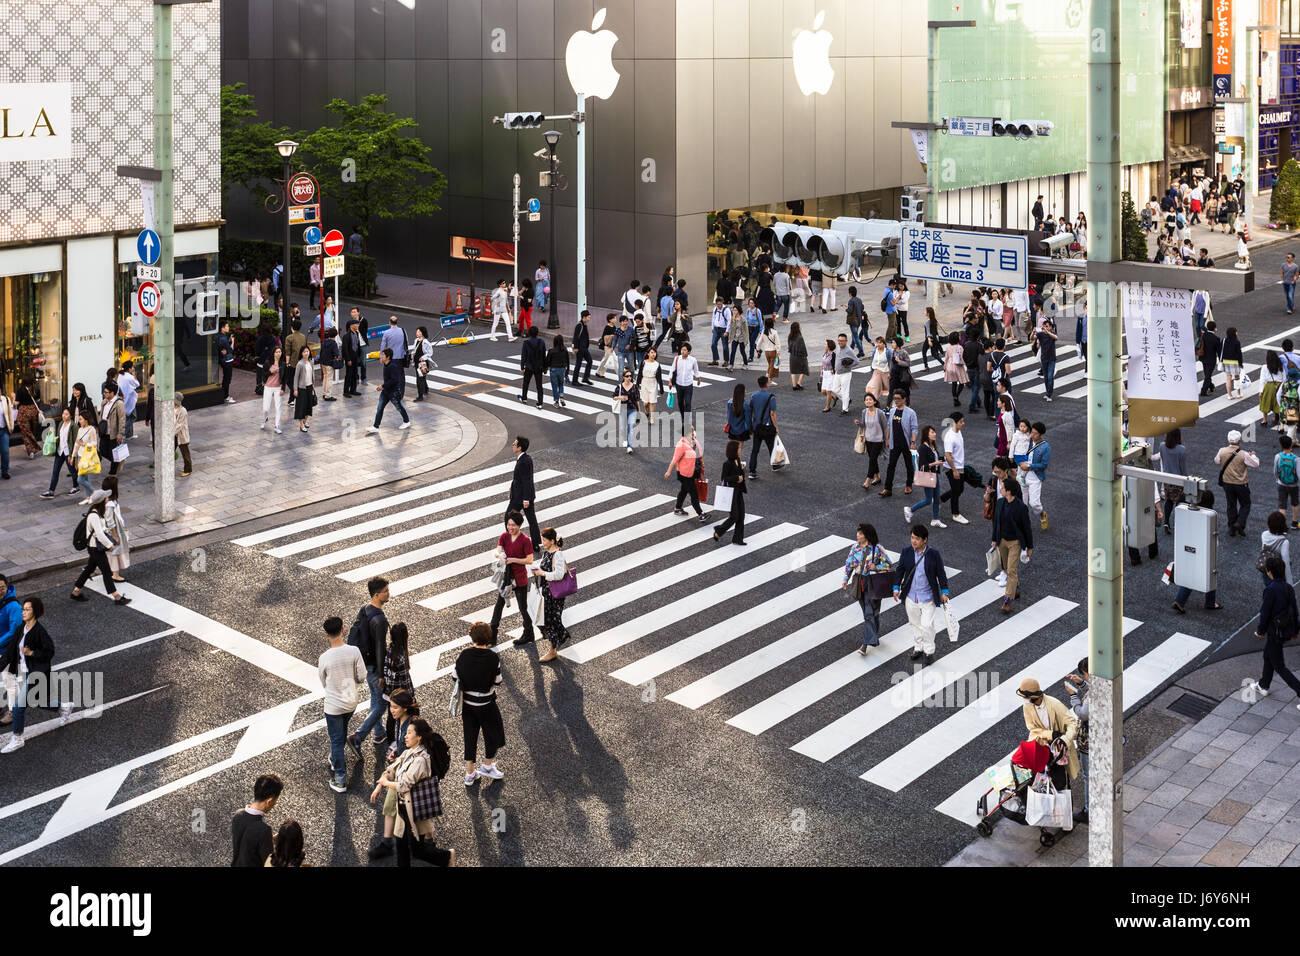 TOKYO - 7 mai 2017: Les gens se promènent dans les rues de Ginza, le quartier commerçant de luxe Photo Stock